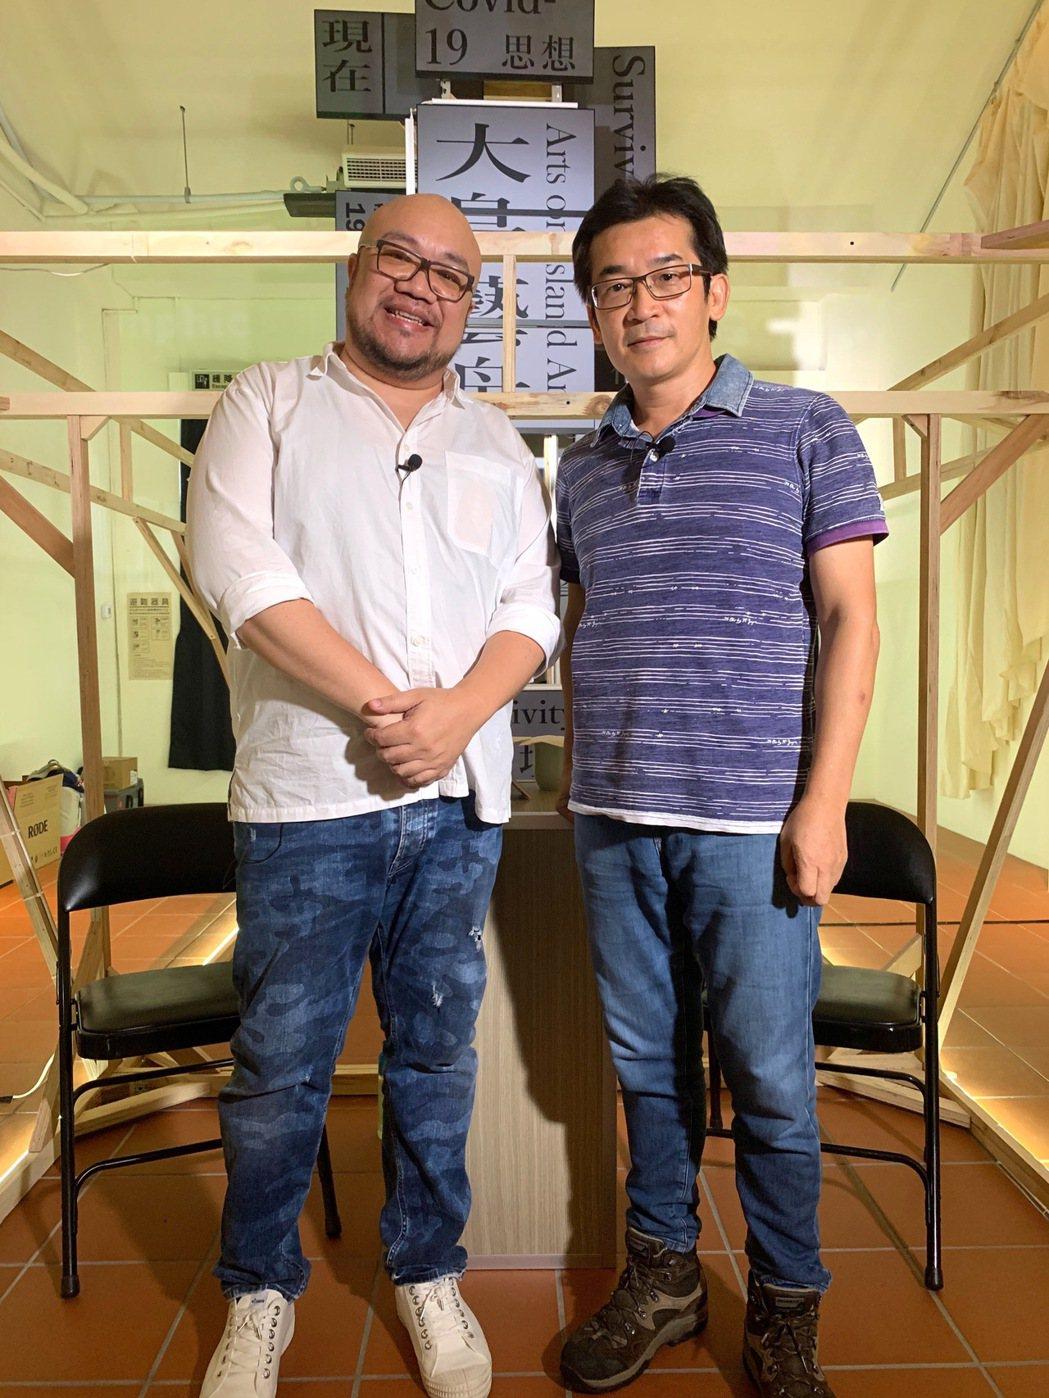 葉天倫(左)化身YouTuber,訪問同為導演的魏德聖(右),聊起拍片甘苦談,感